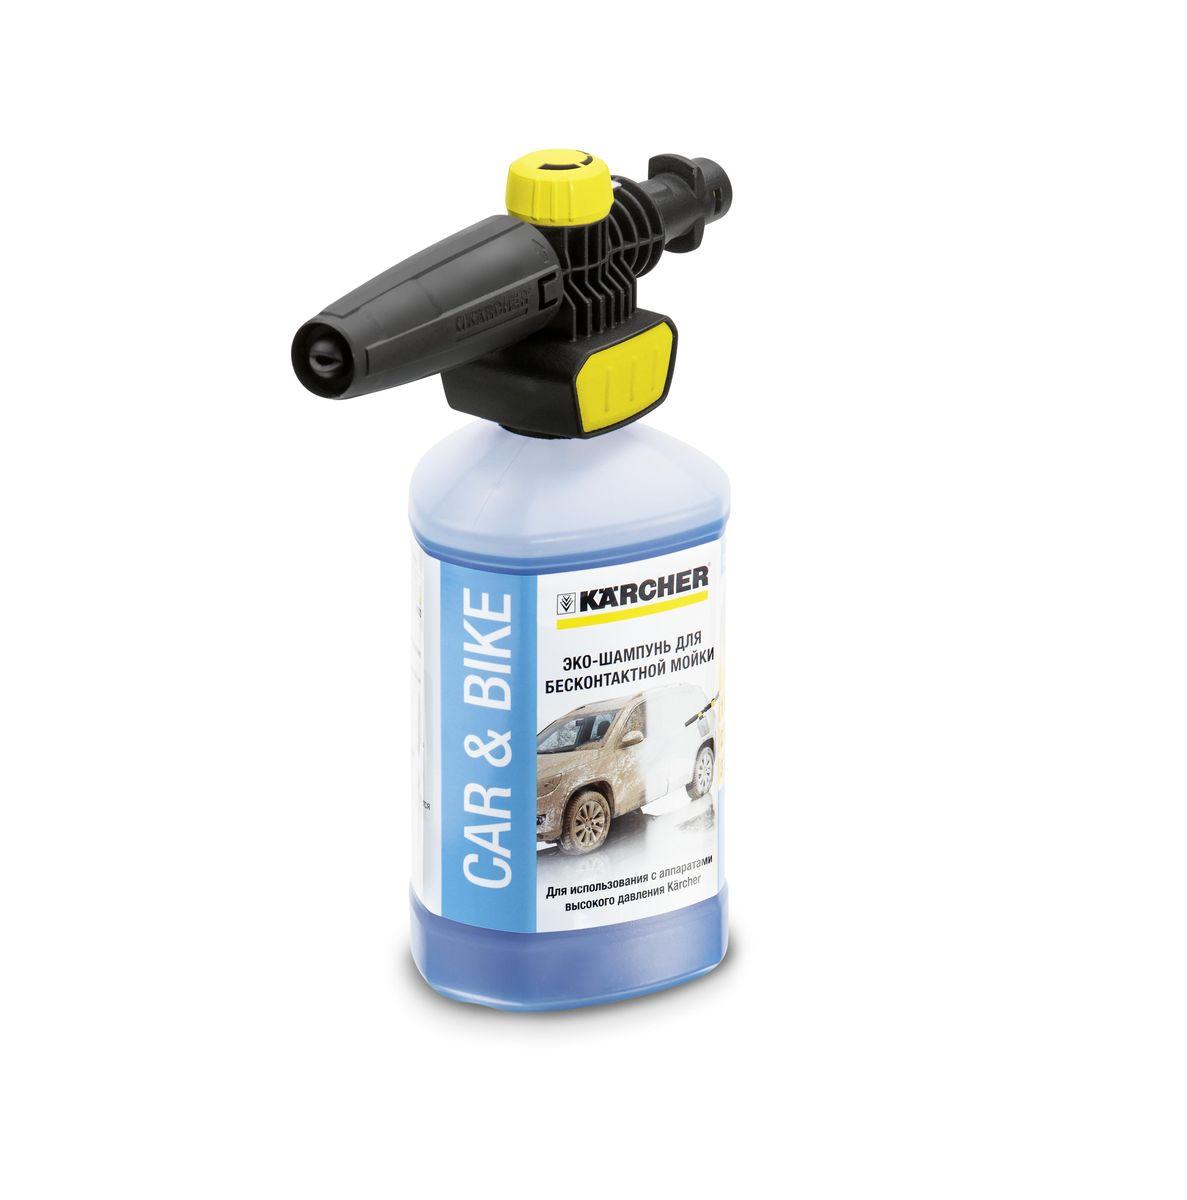 Набор Karcher FJ 10 С, с насадкой Connect 'n' Clean, 2 предмета 2.643-142.0 редуктор давления с фильтром karcher 2 645 226 0